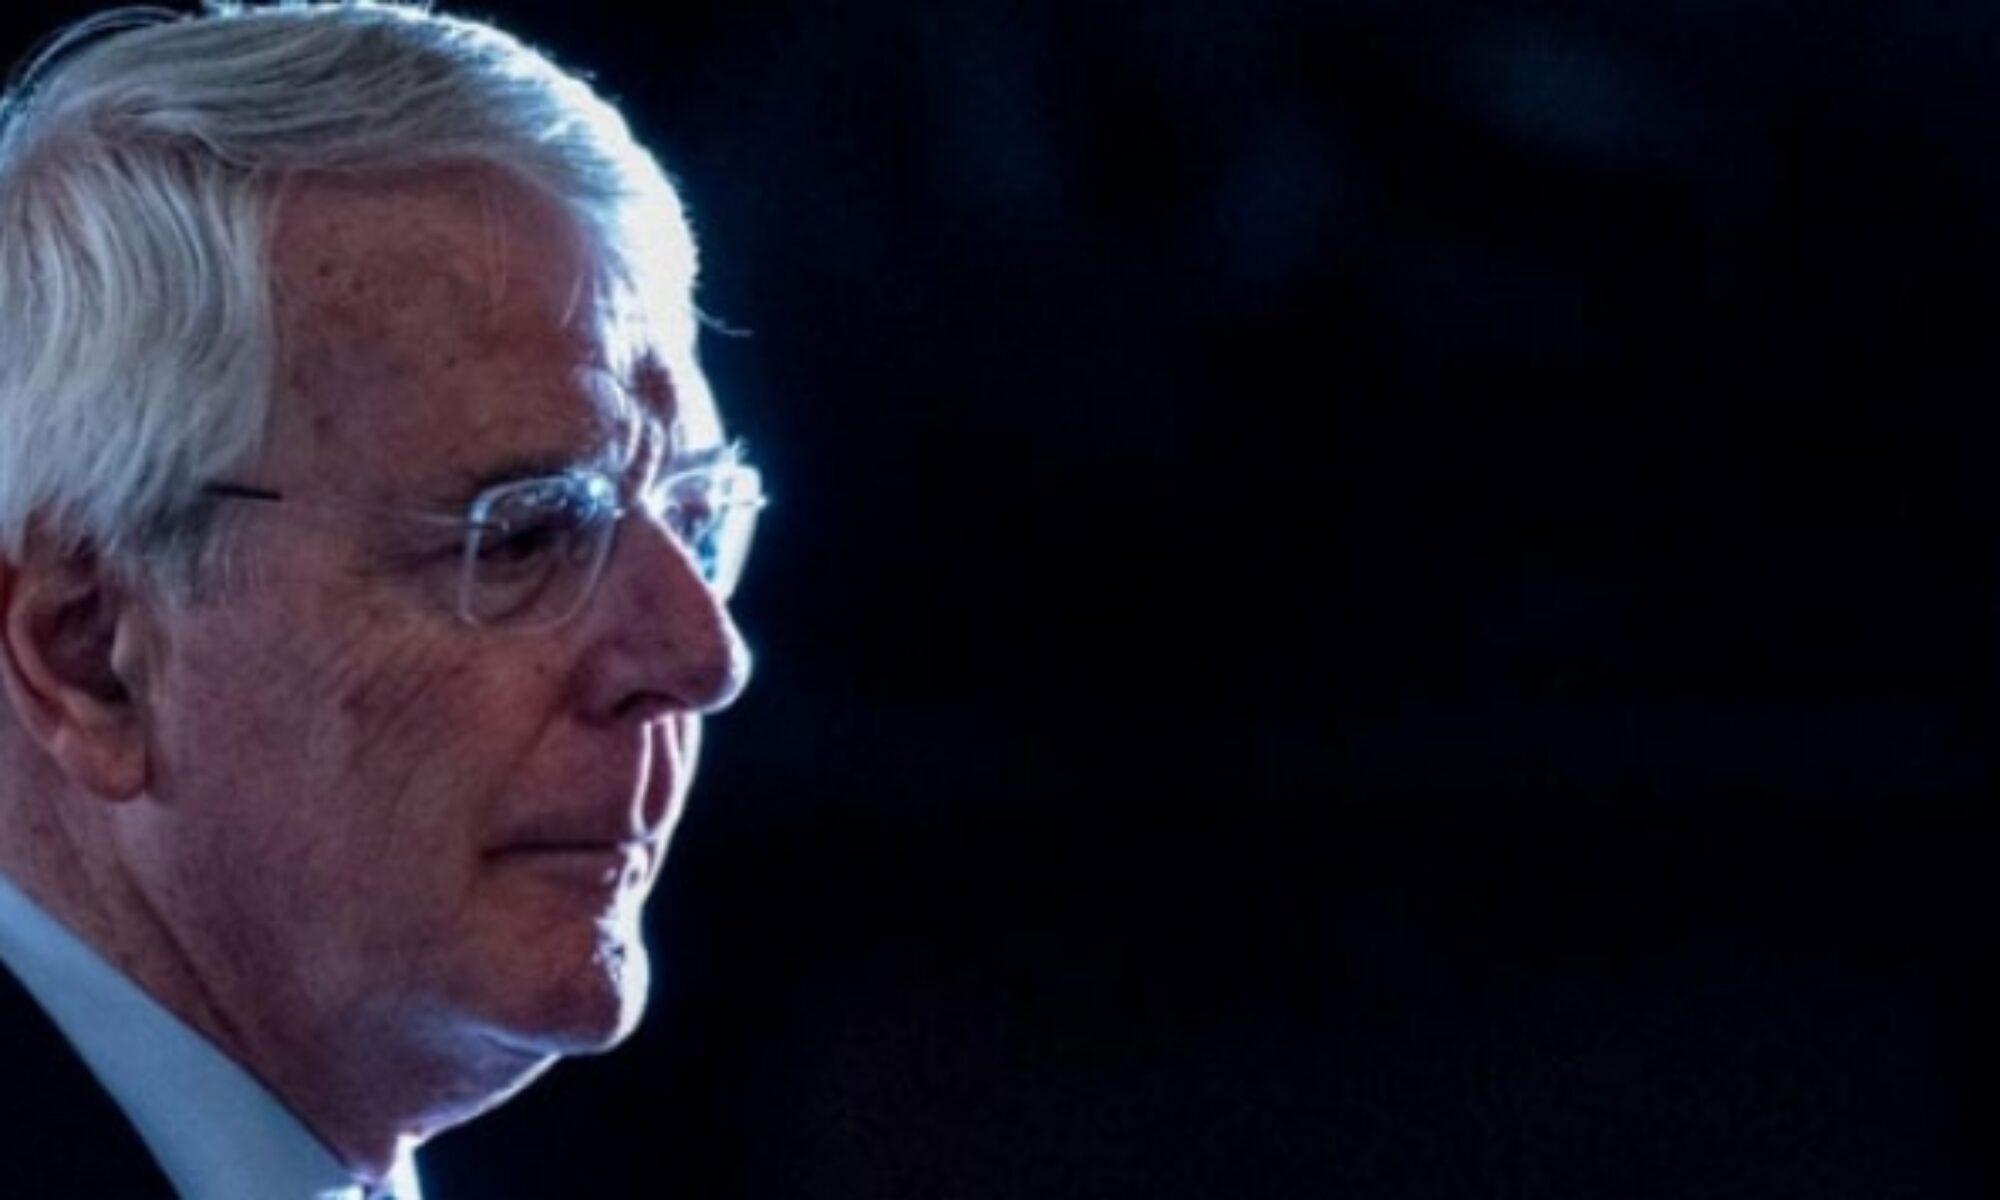 Eski İngiltere Başbakanı John Major: Kürdistan Bölgesi Hükümeti'nin güçlü olmasını istiyoruz